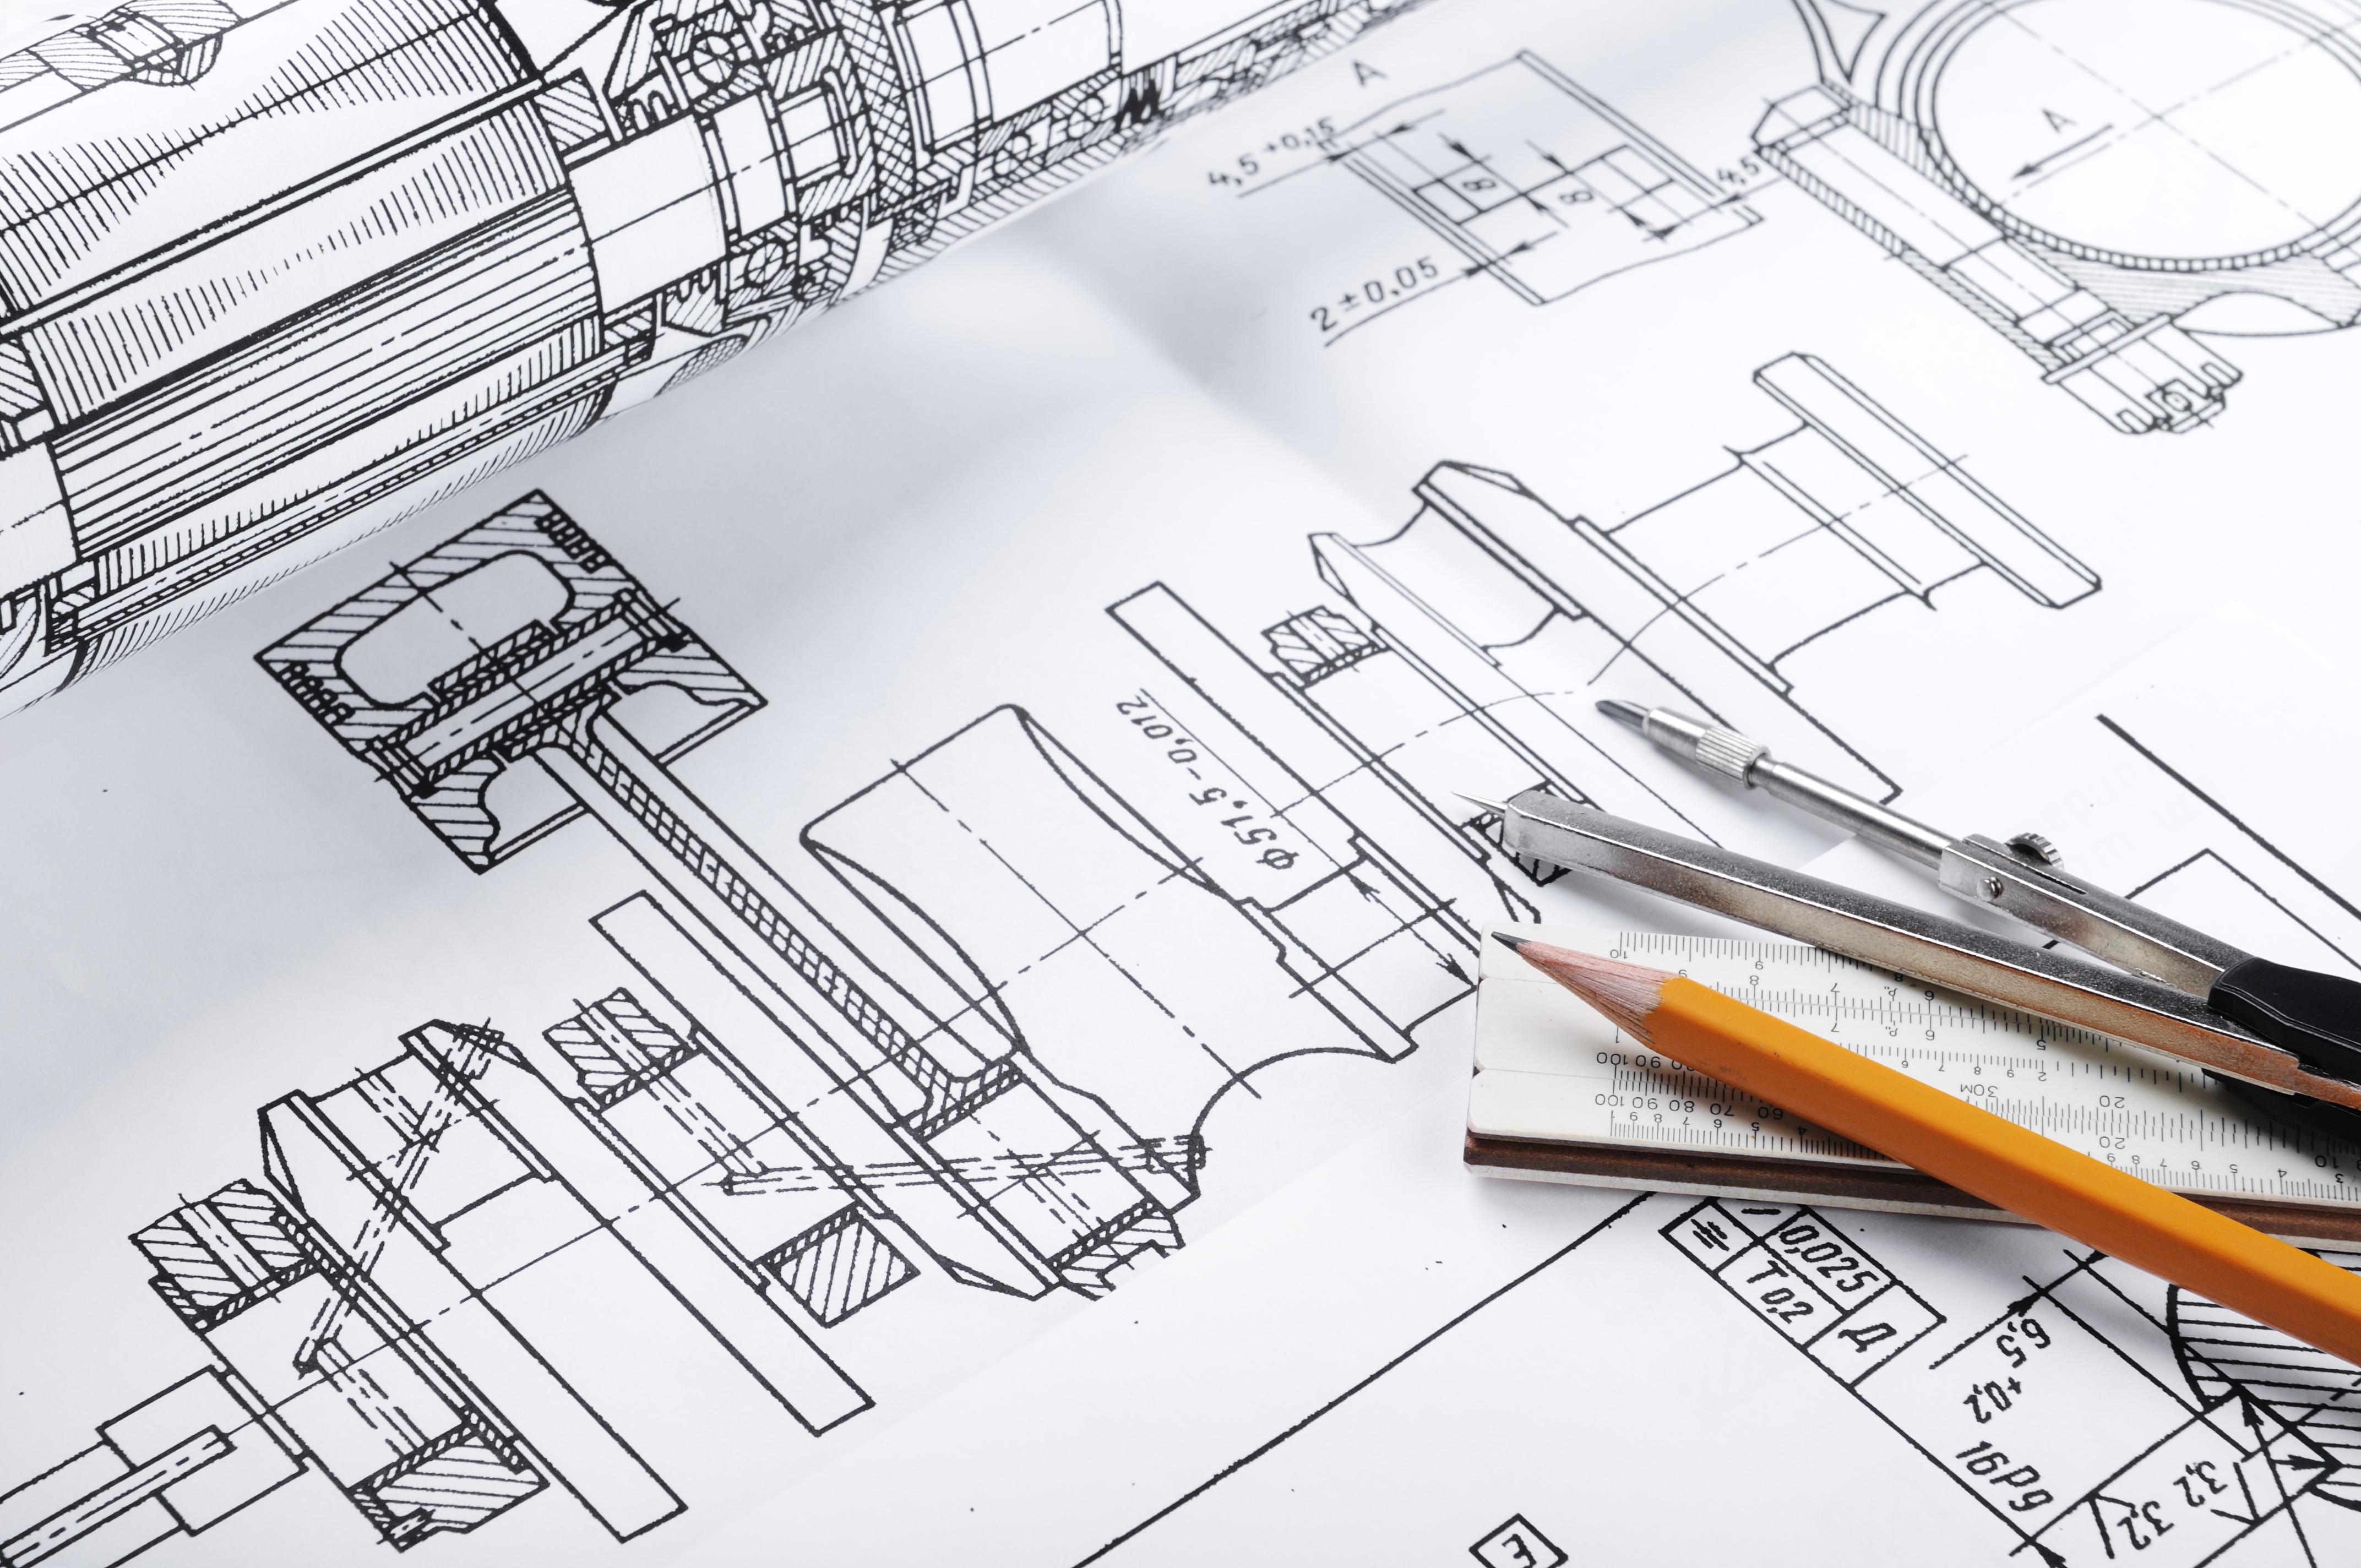 Unione industriali napoli i progetti per disegnare il for Disegnare progetti